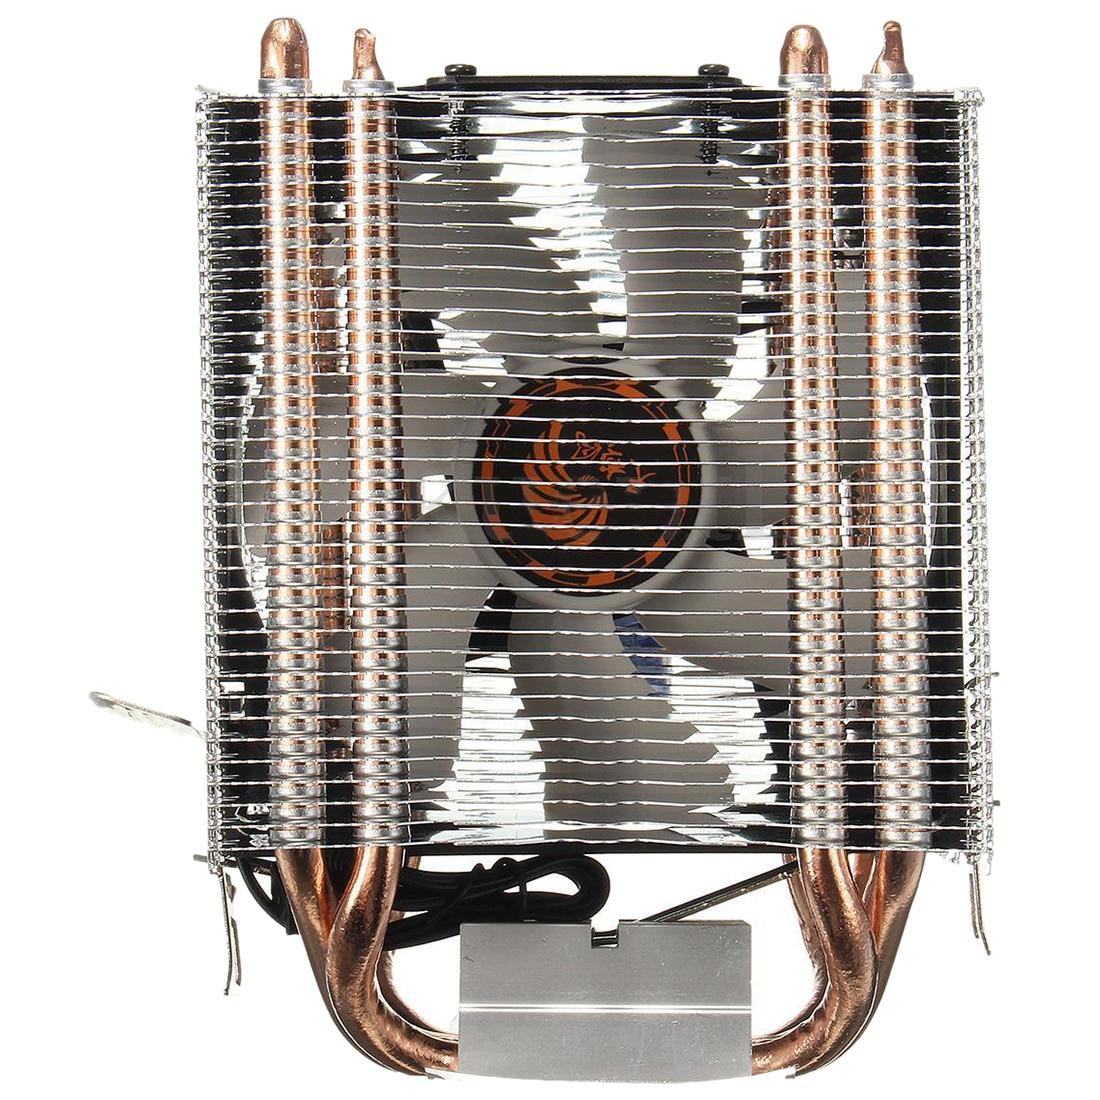 4 disipador de calor de CPU para Intel LGA 1150 1151 1155 1156 775 (para AMD) Nuevo